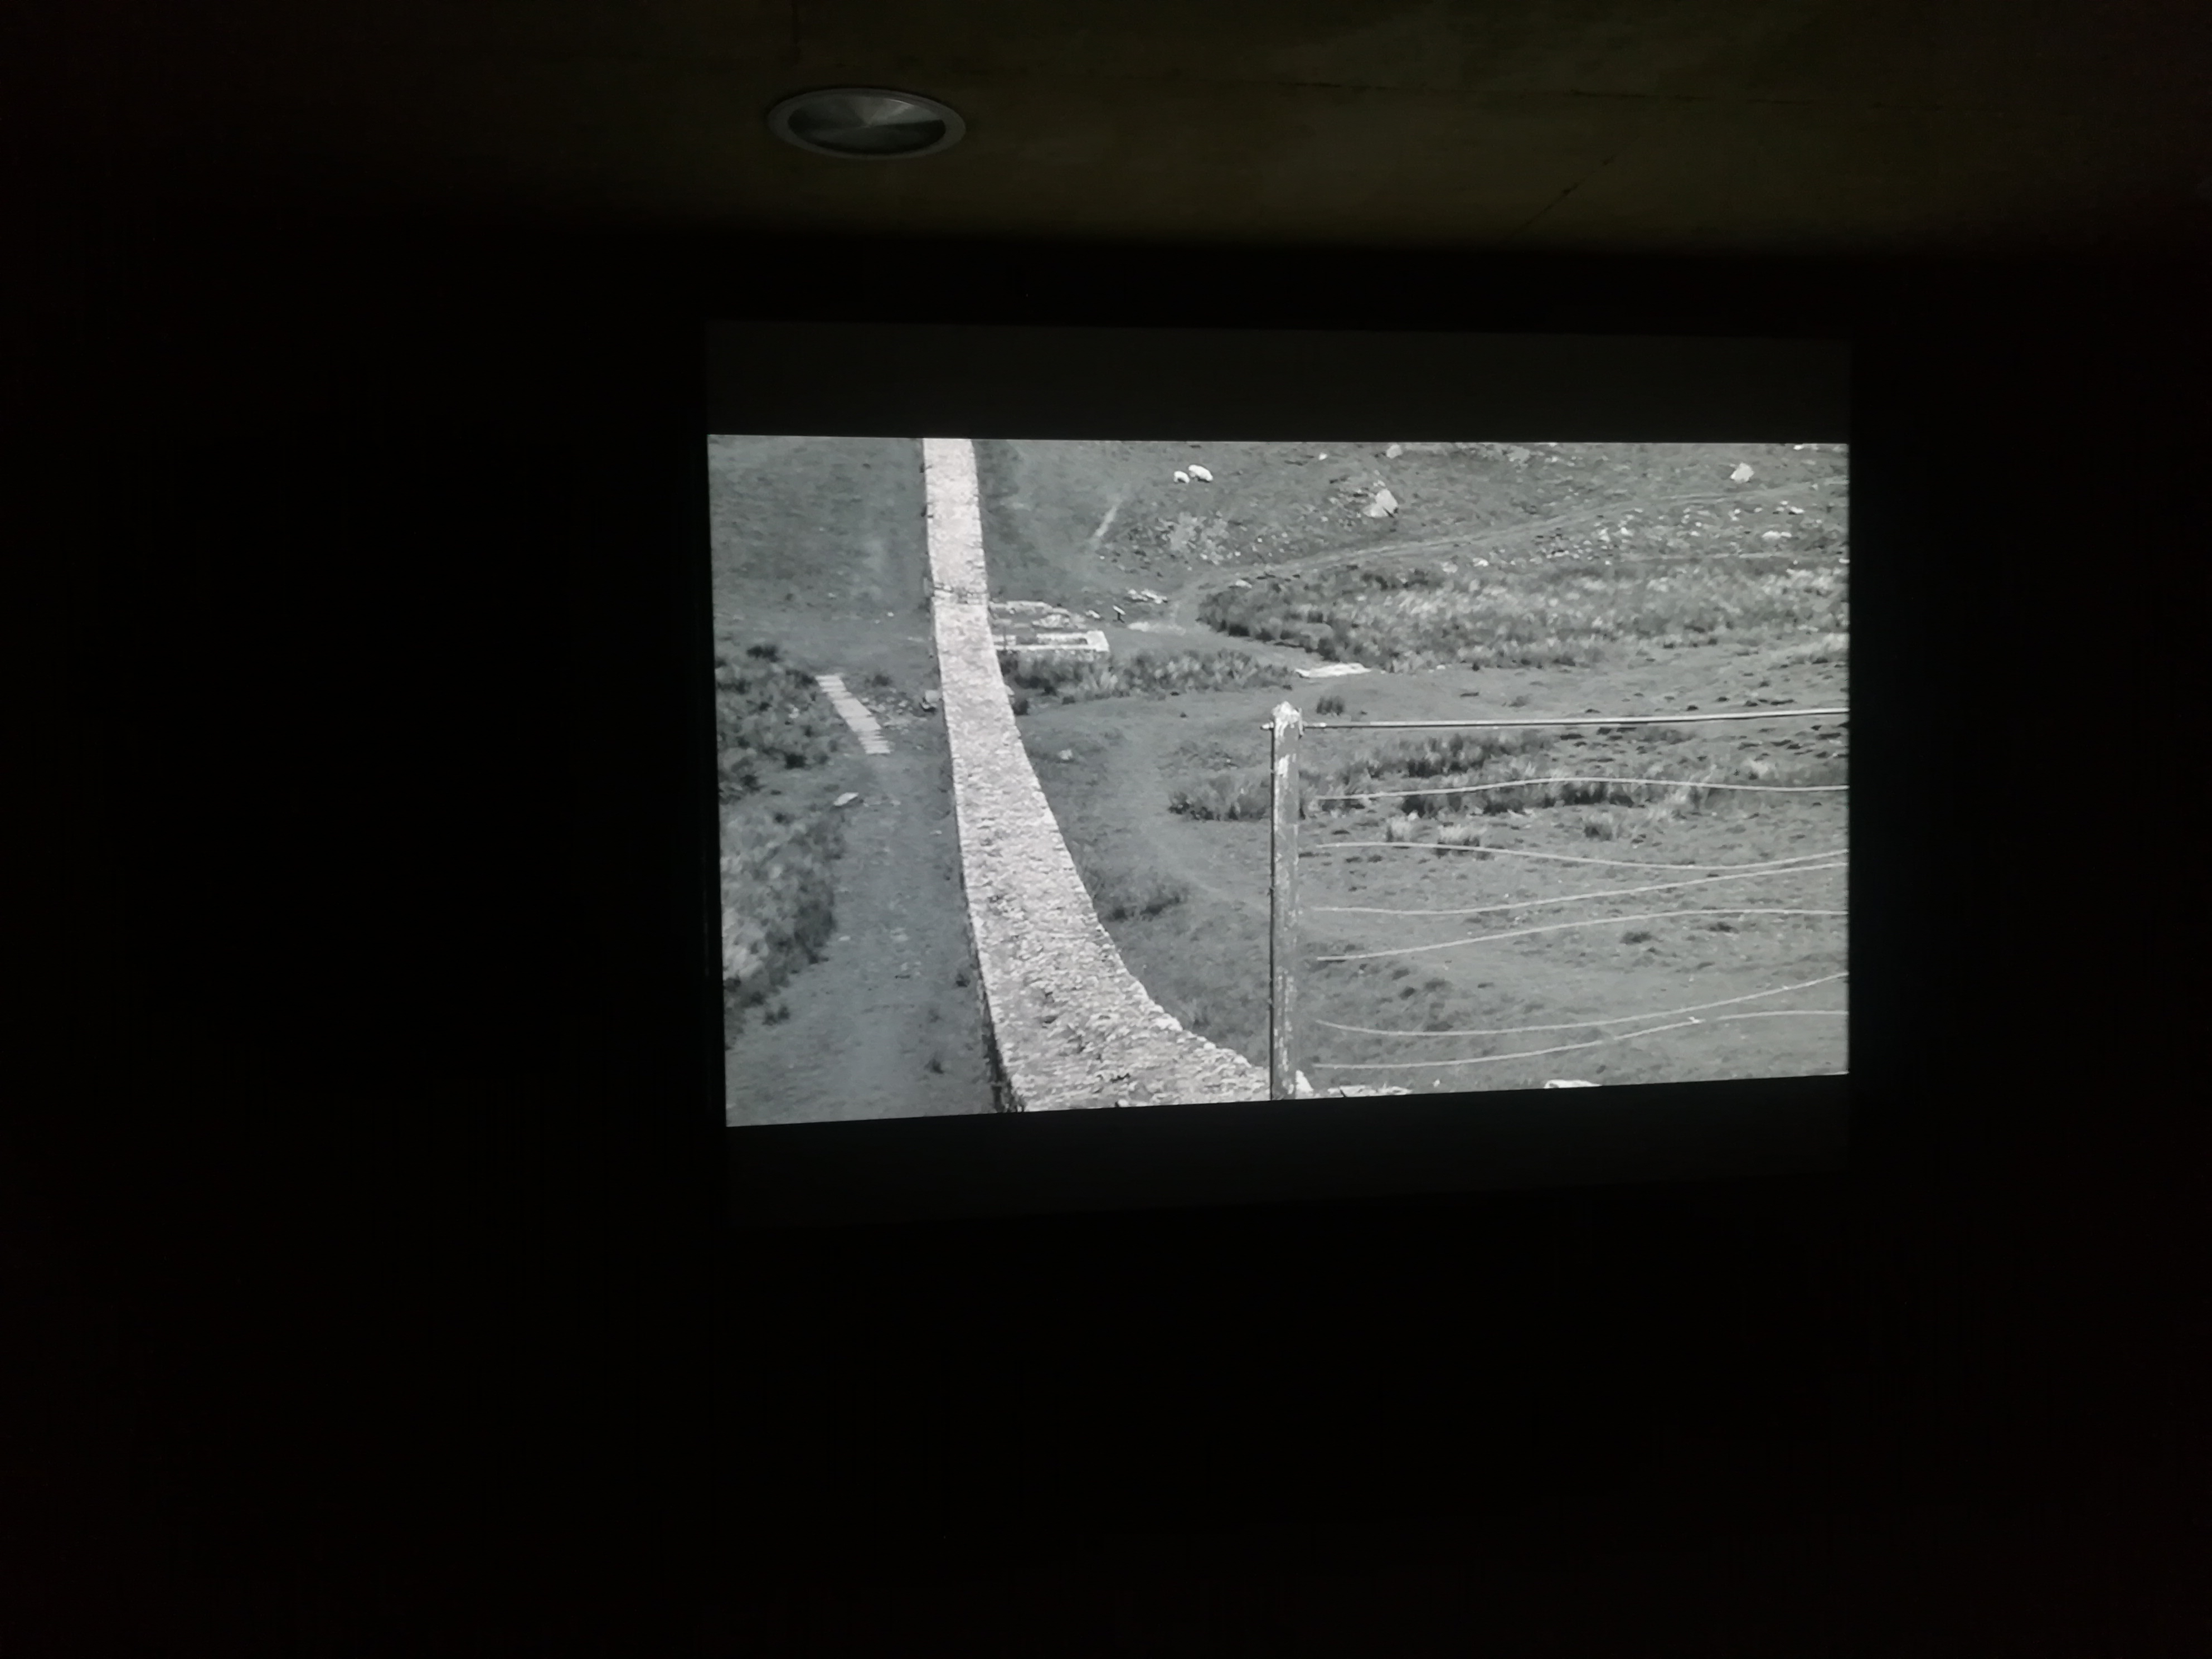 CÁMARA OSCURA. Frontera/s, entre lo inmaterial y la teatralización frente al que mira. Miradas de y desde Asia (III)